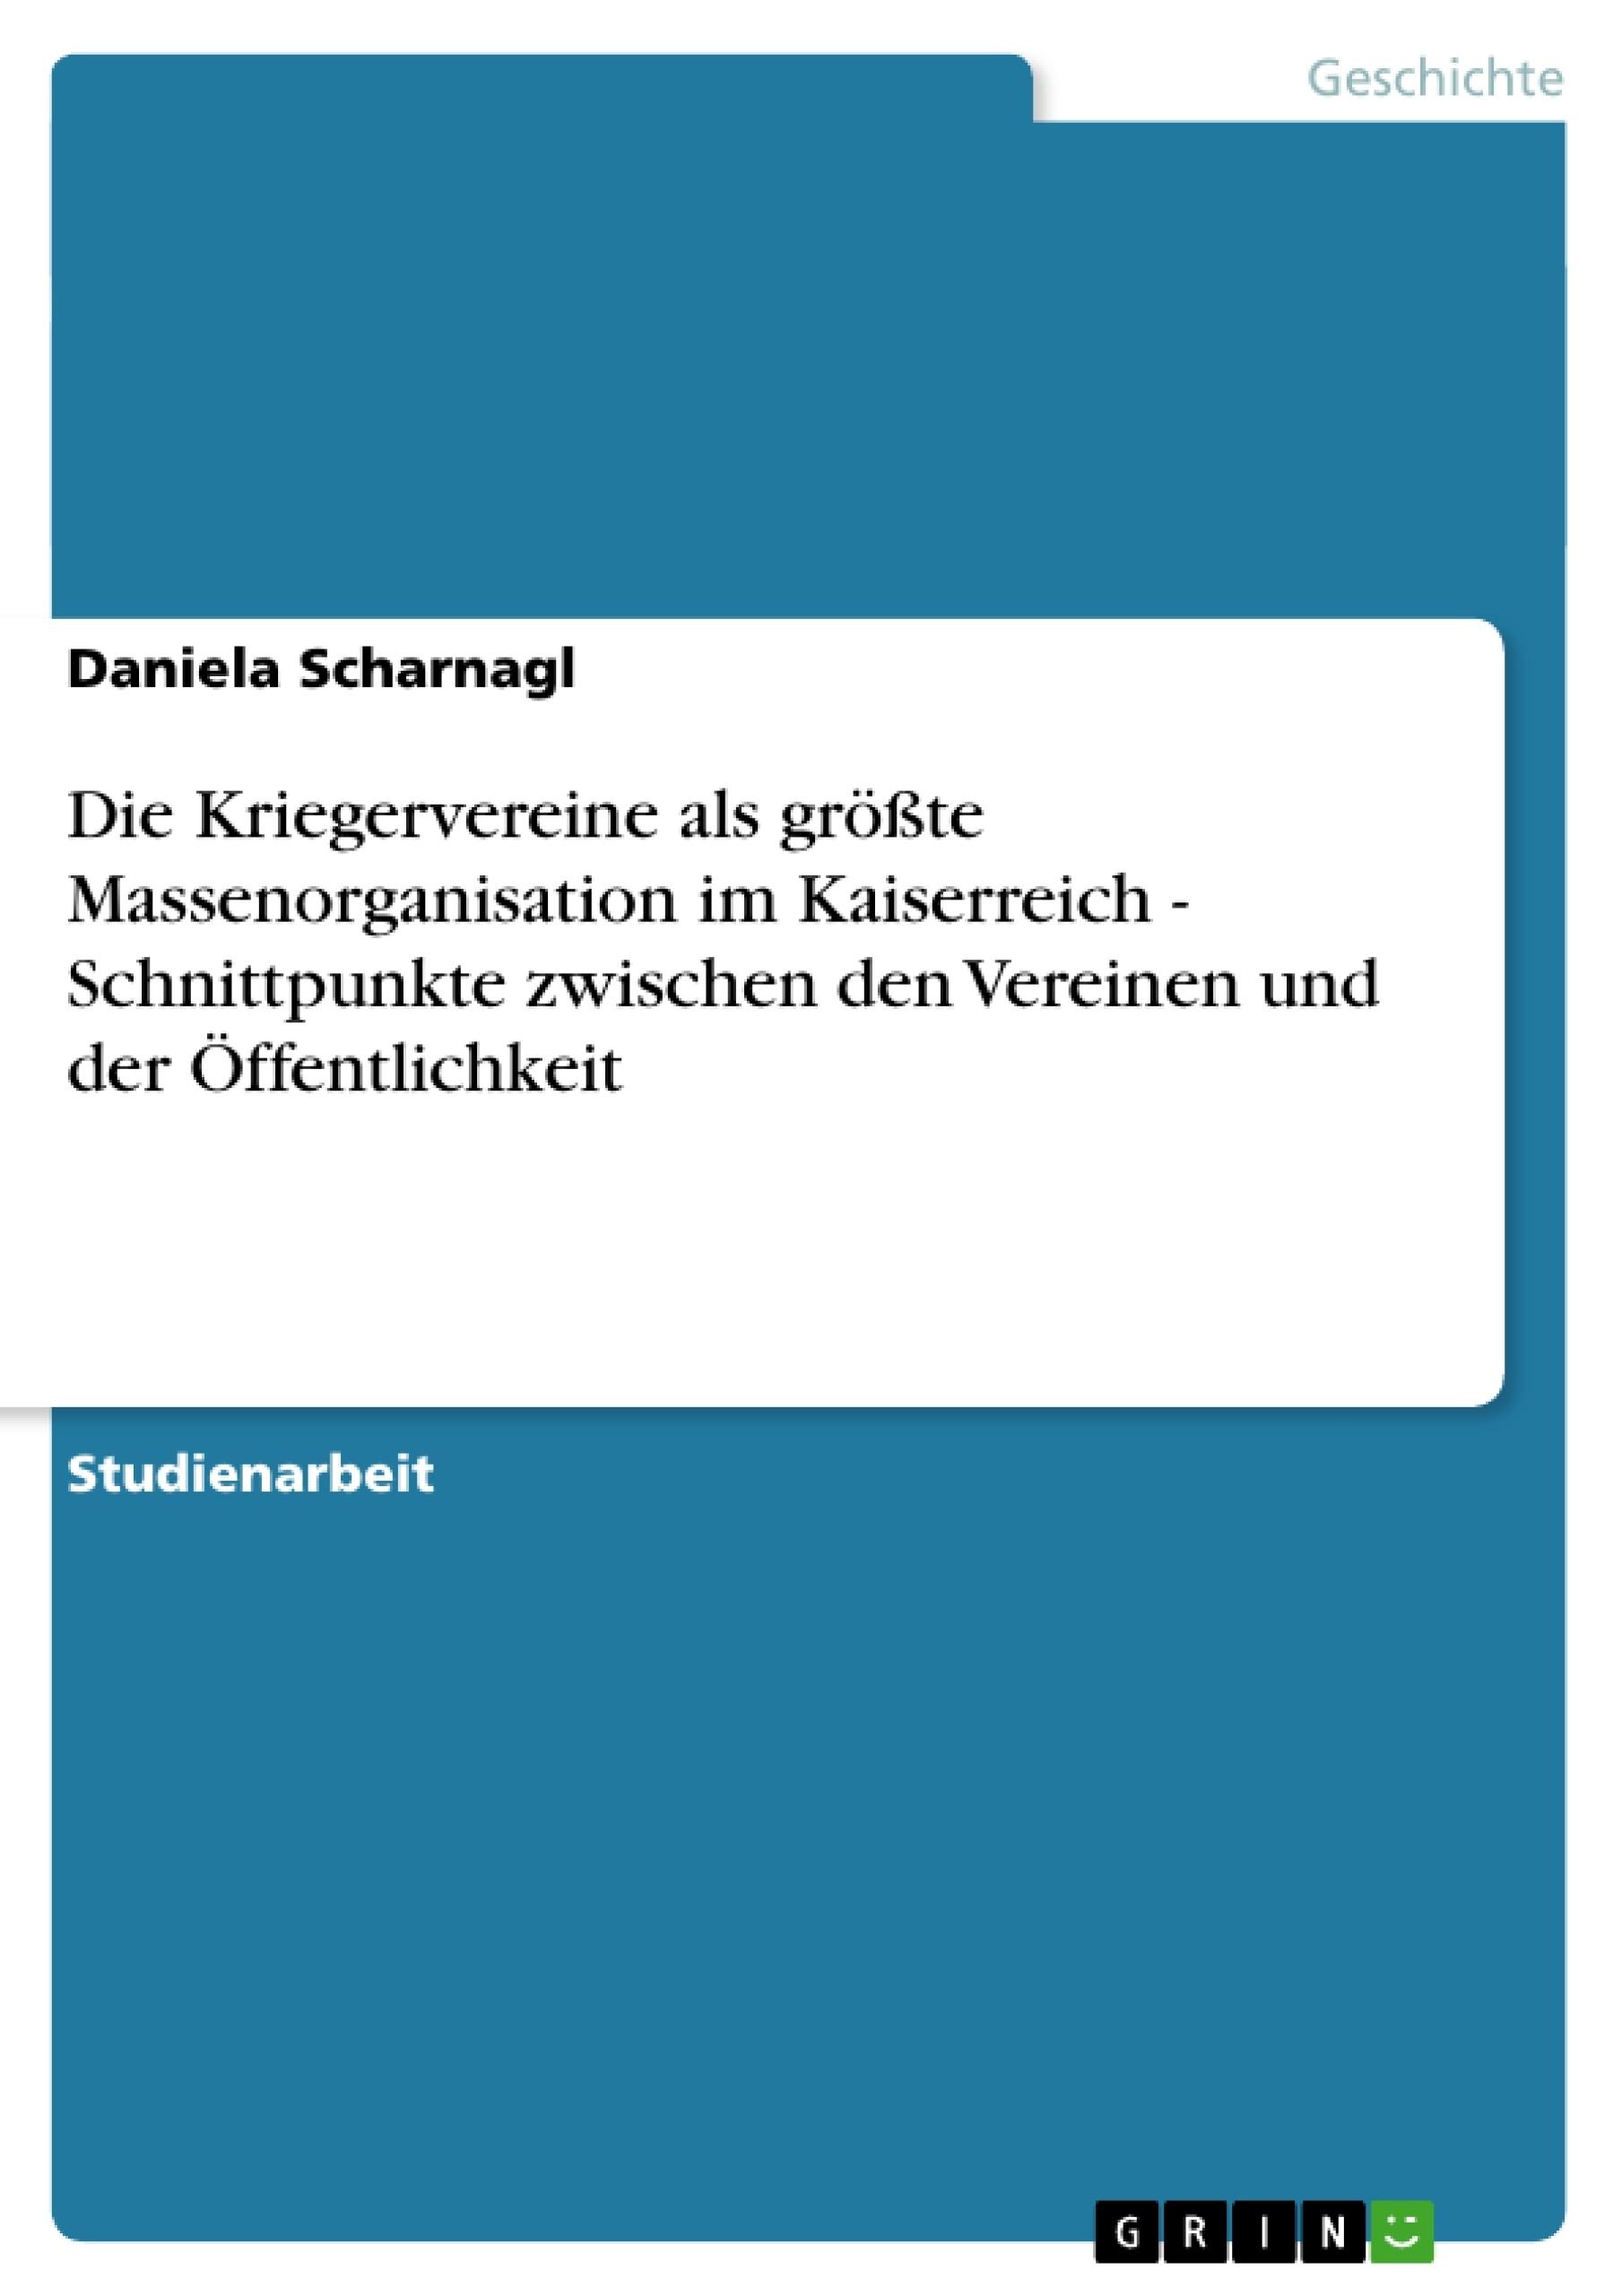 Titel: Die Kriegervereine als größte Massenorganisation im Kaiserreich - Schnittpunkte zwischen den Vereinen und der Öffentlichkeit